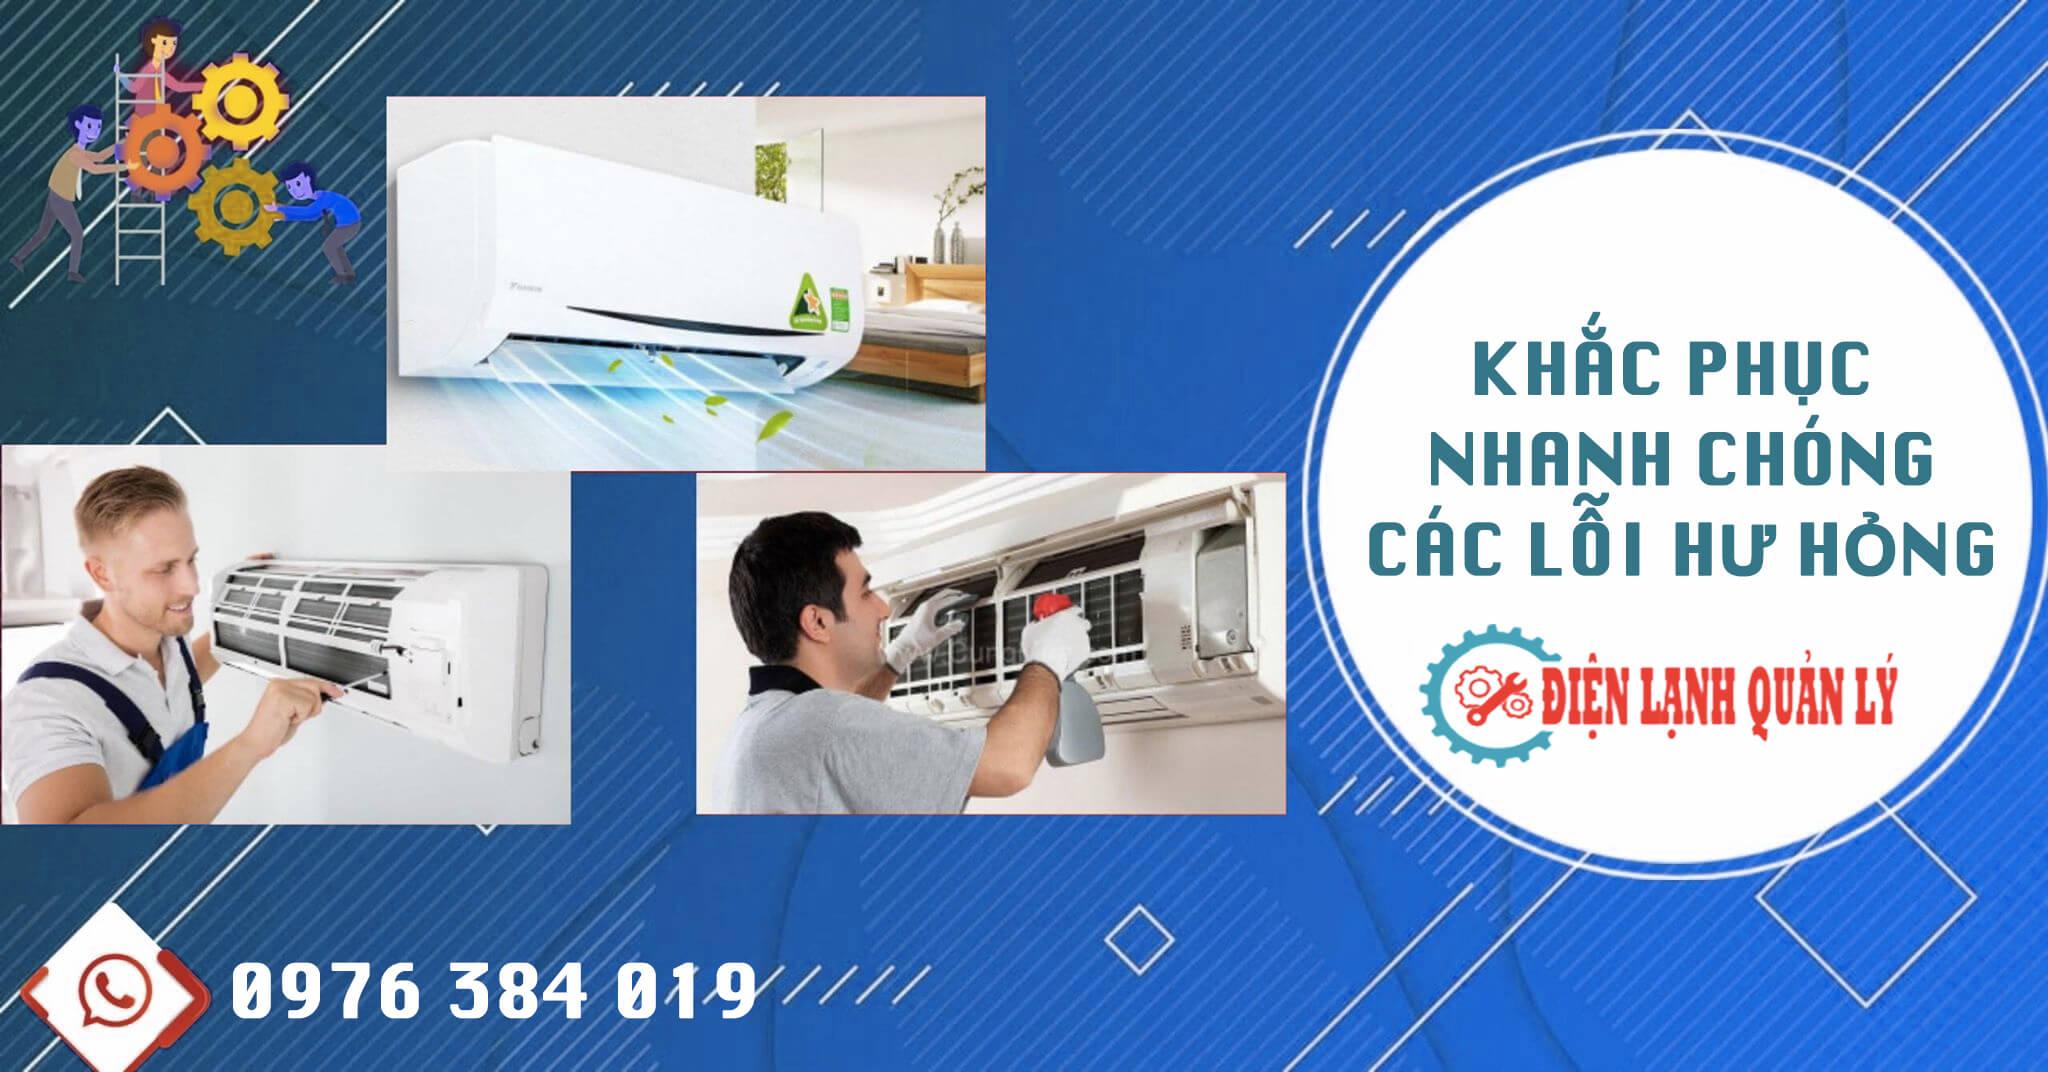 trung tâm bảo hành máy lạnh ở quận gò vấp